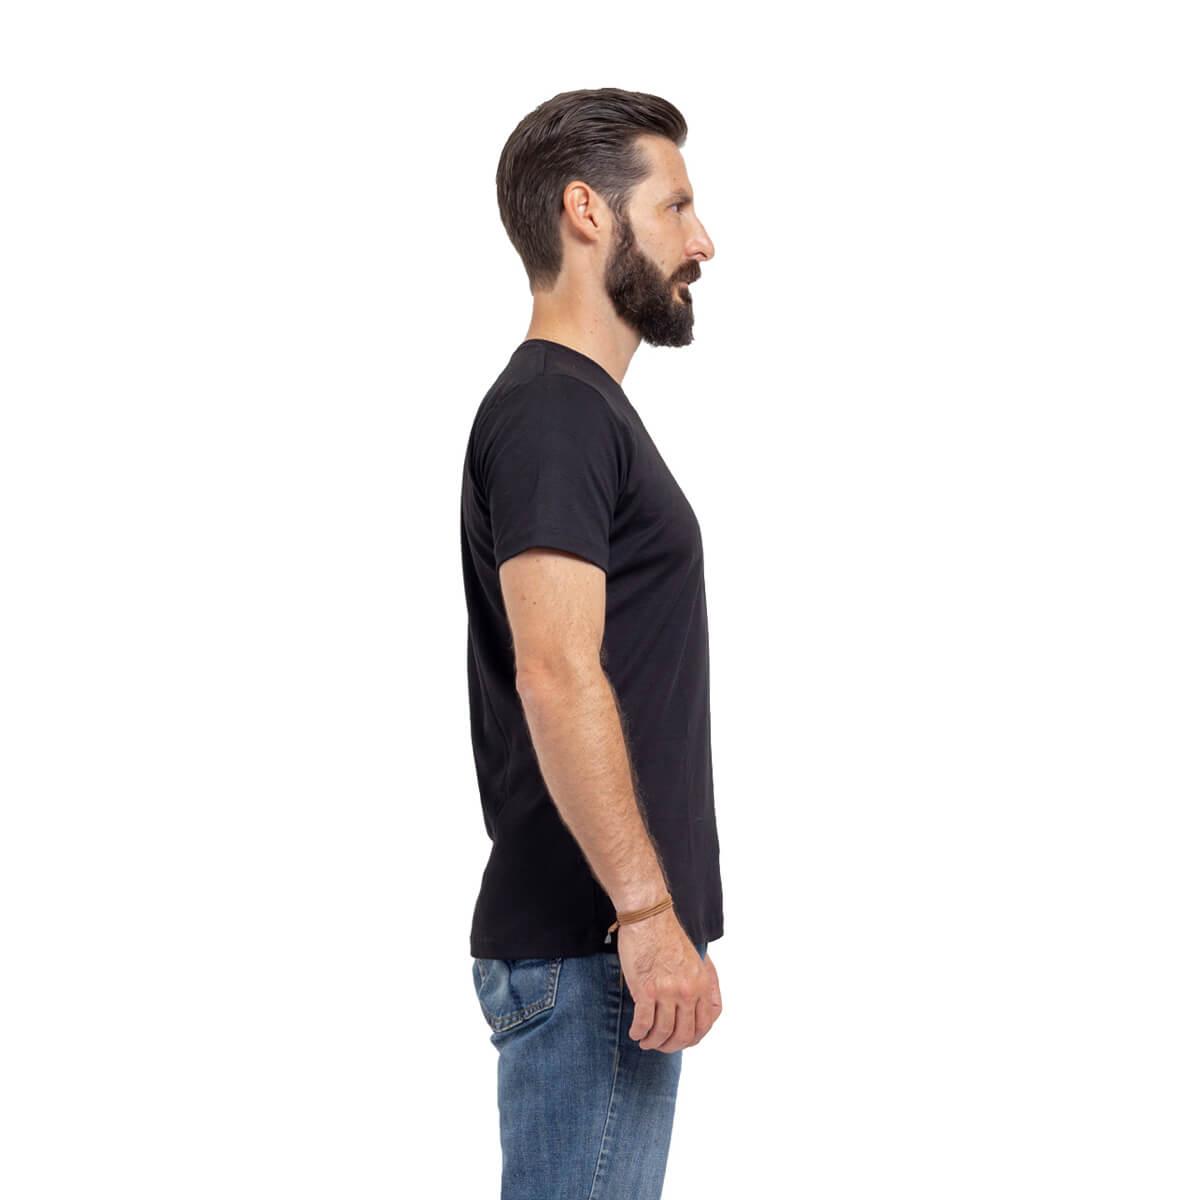 Franela esencial cuello redondo negro hombre lado